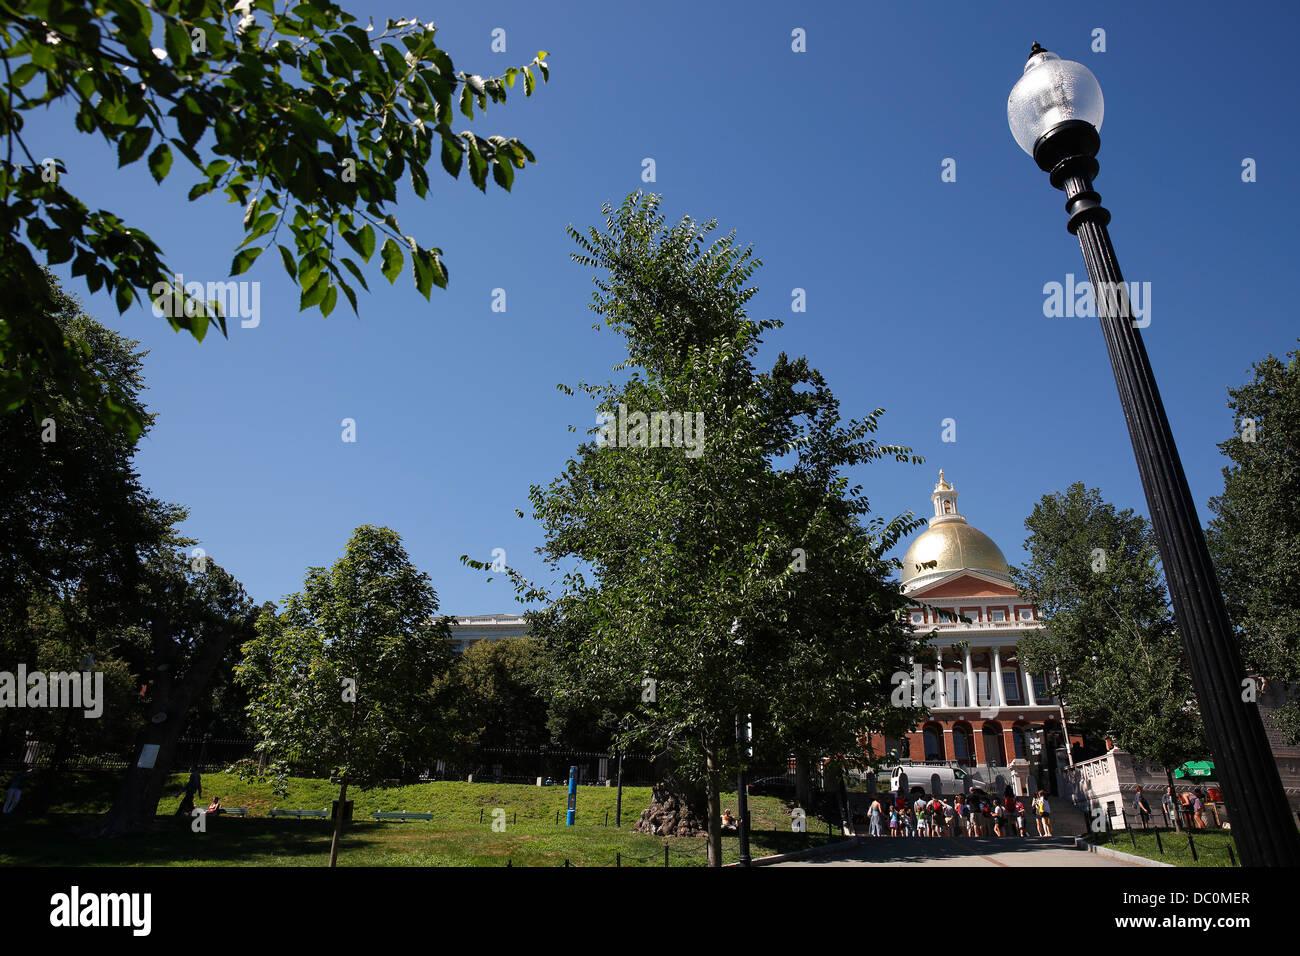 La Casa del Estado de Massachusetts y Boston Common en el Freedom Trail, Boston, Massachusetts Imagen De Stock